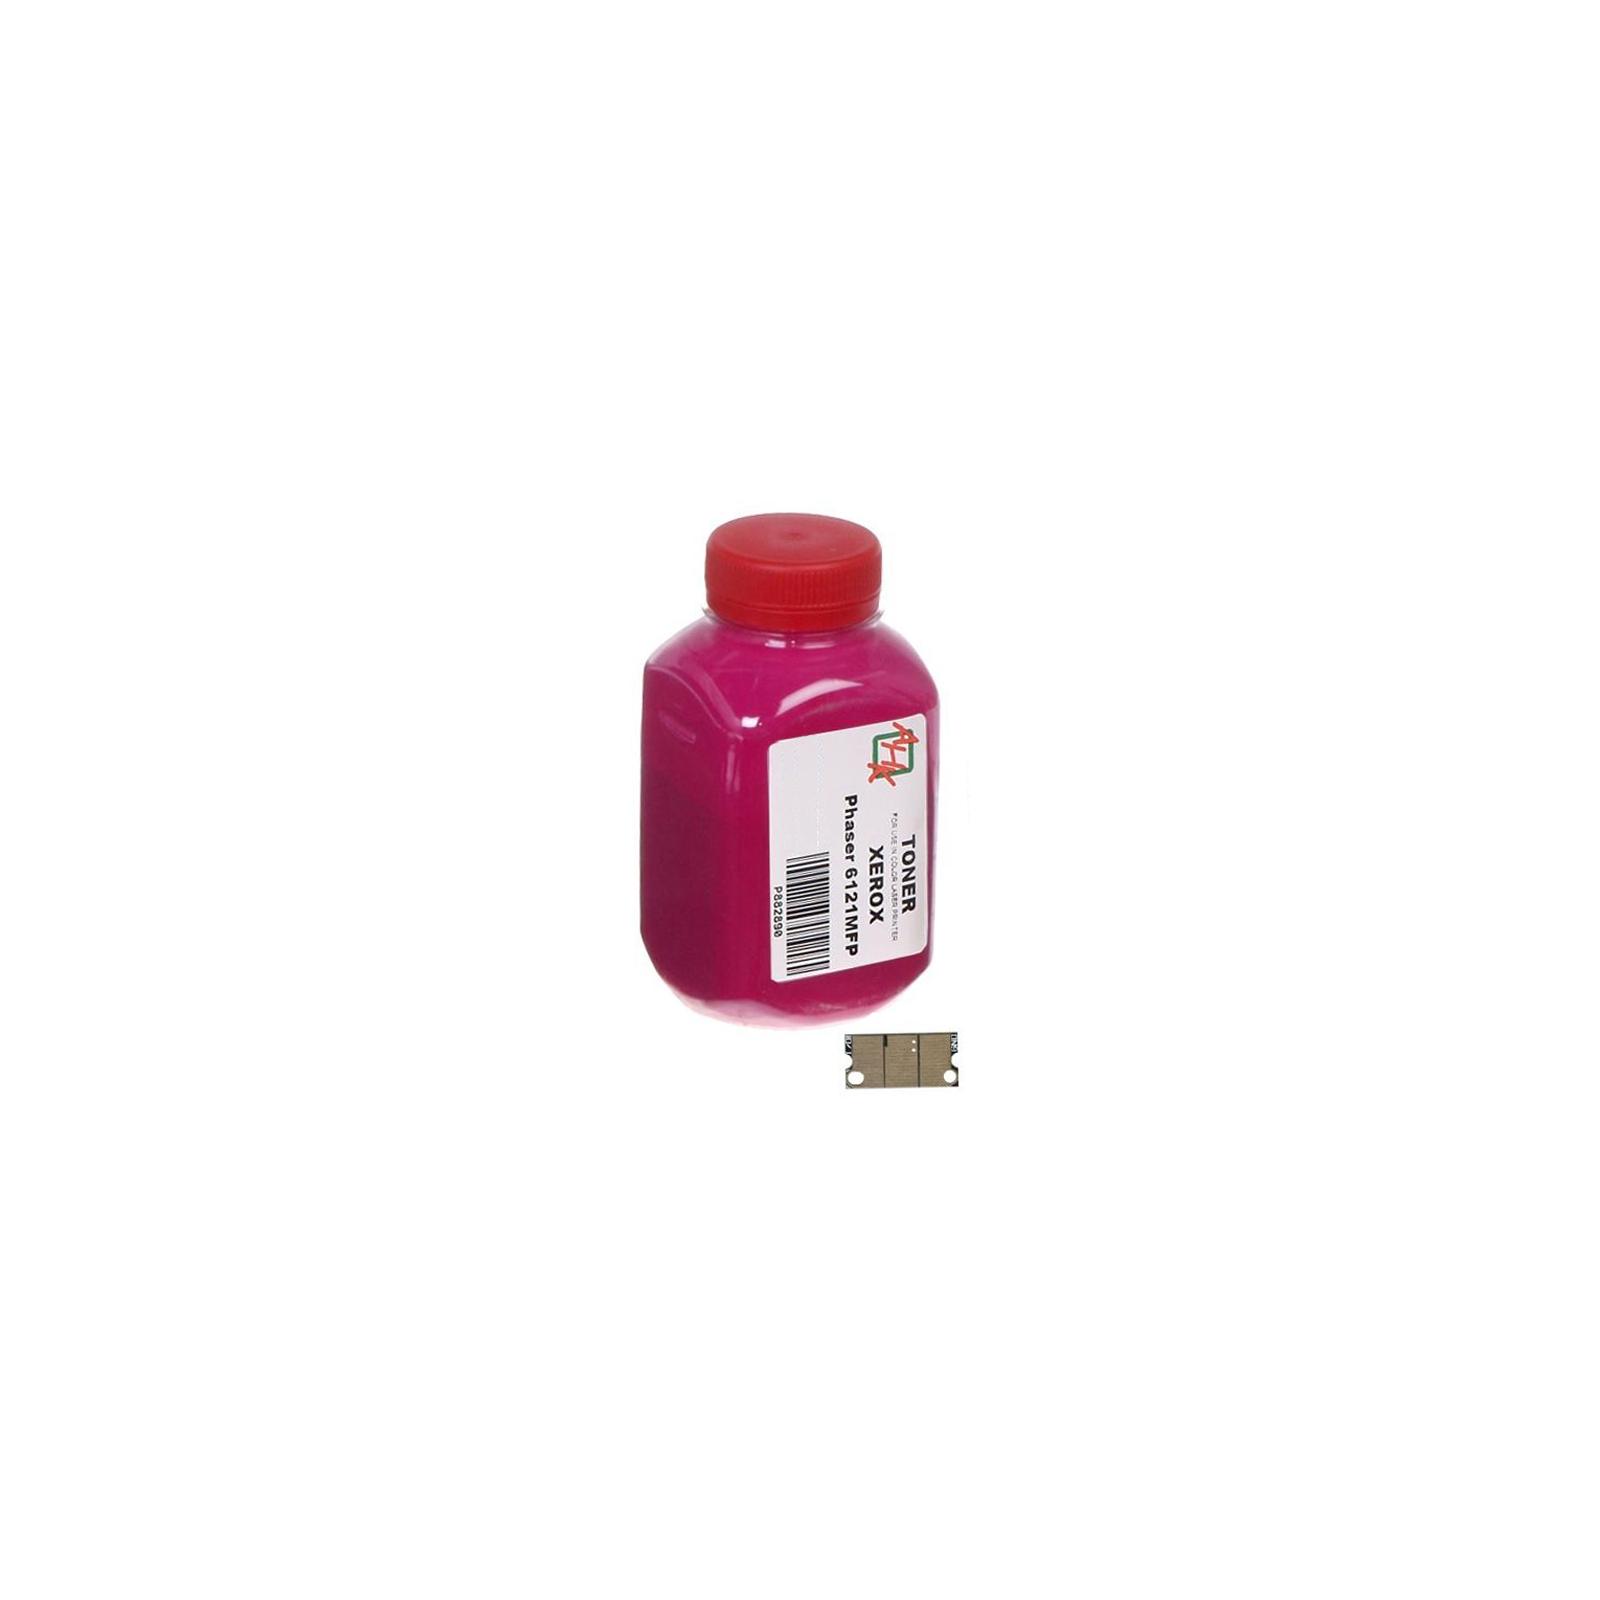 Тонер XEROX Phaser 6121MFP Cyan (+ чип ) АНК (1502685)